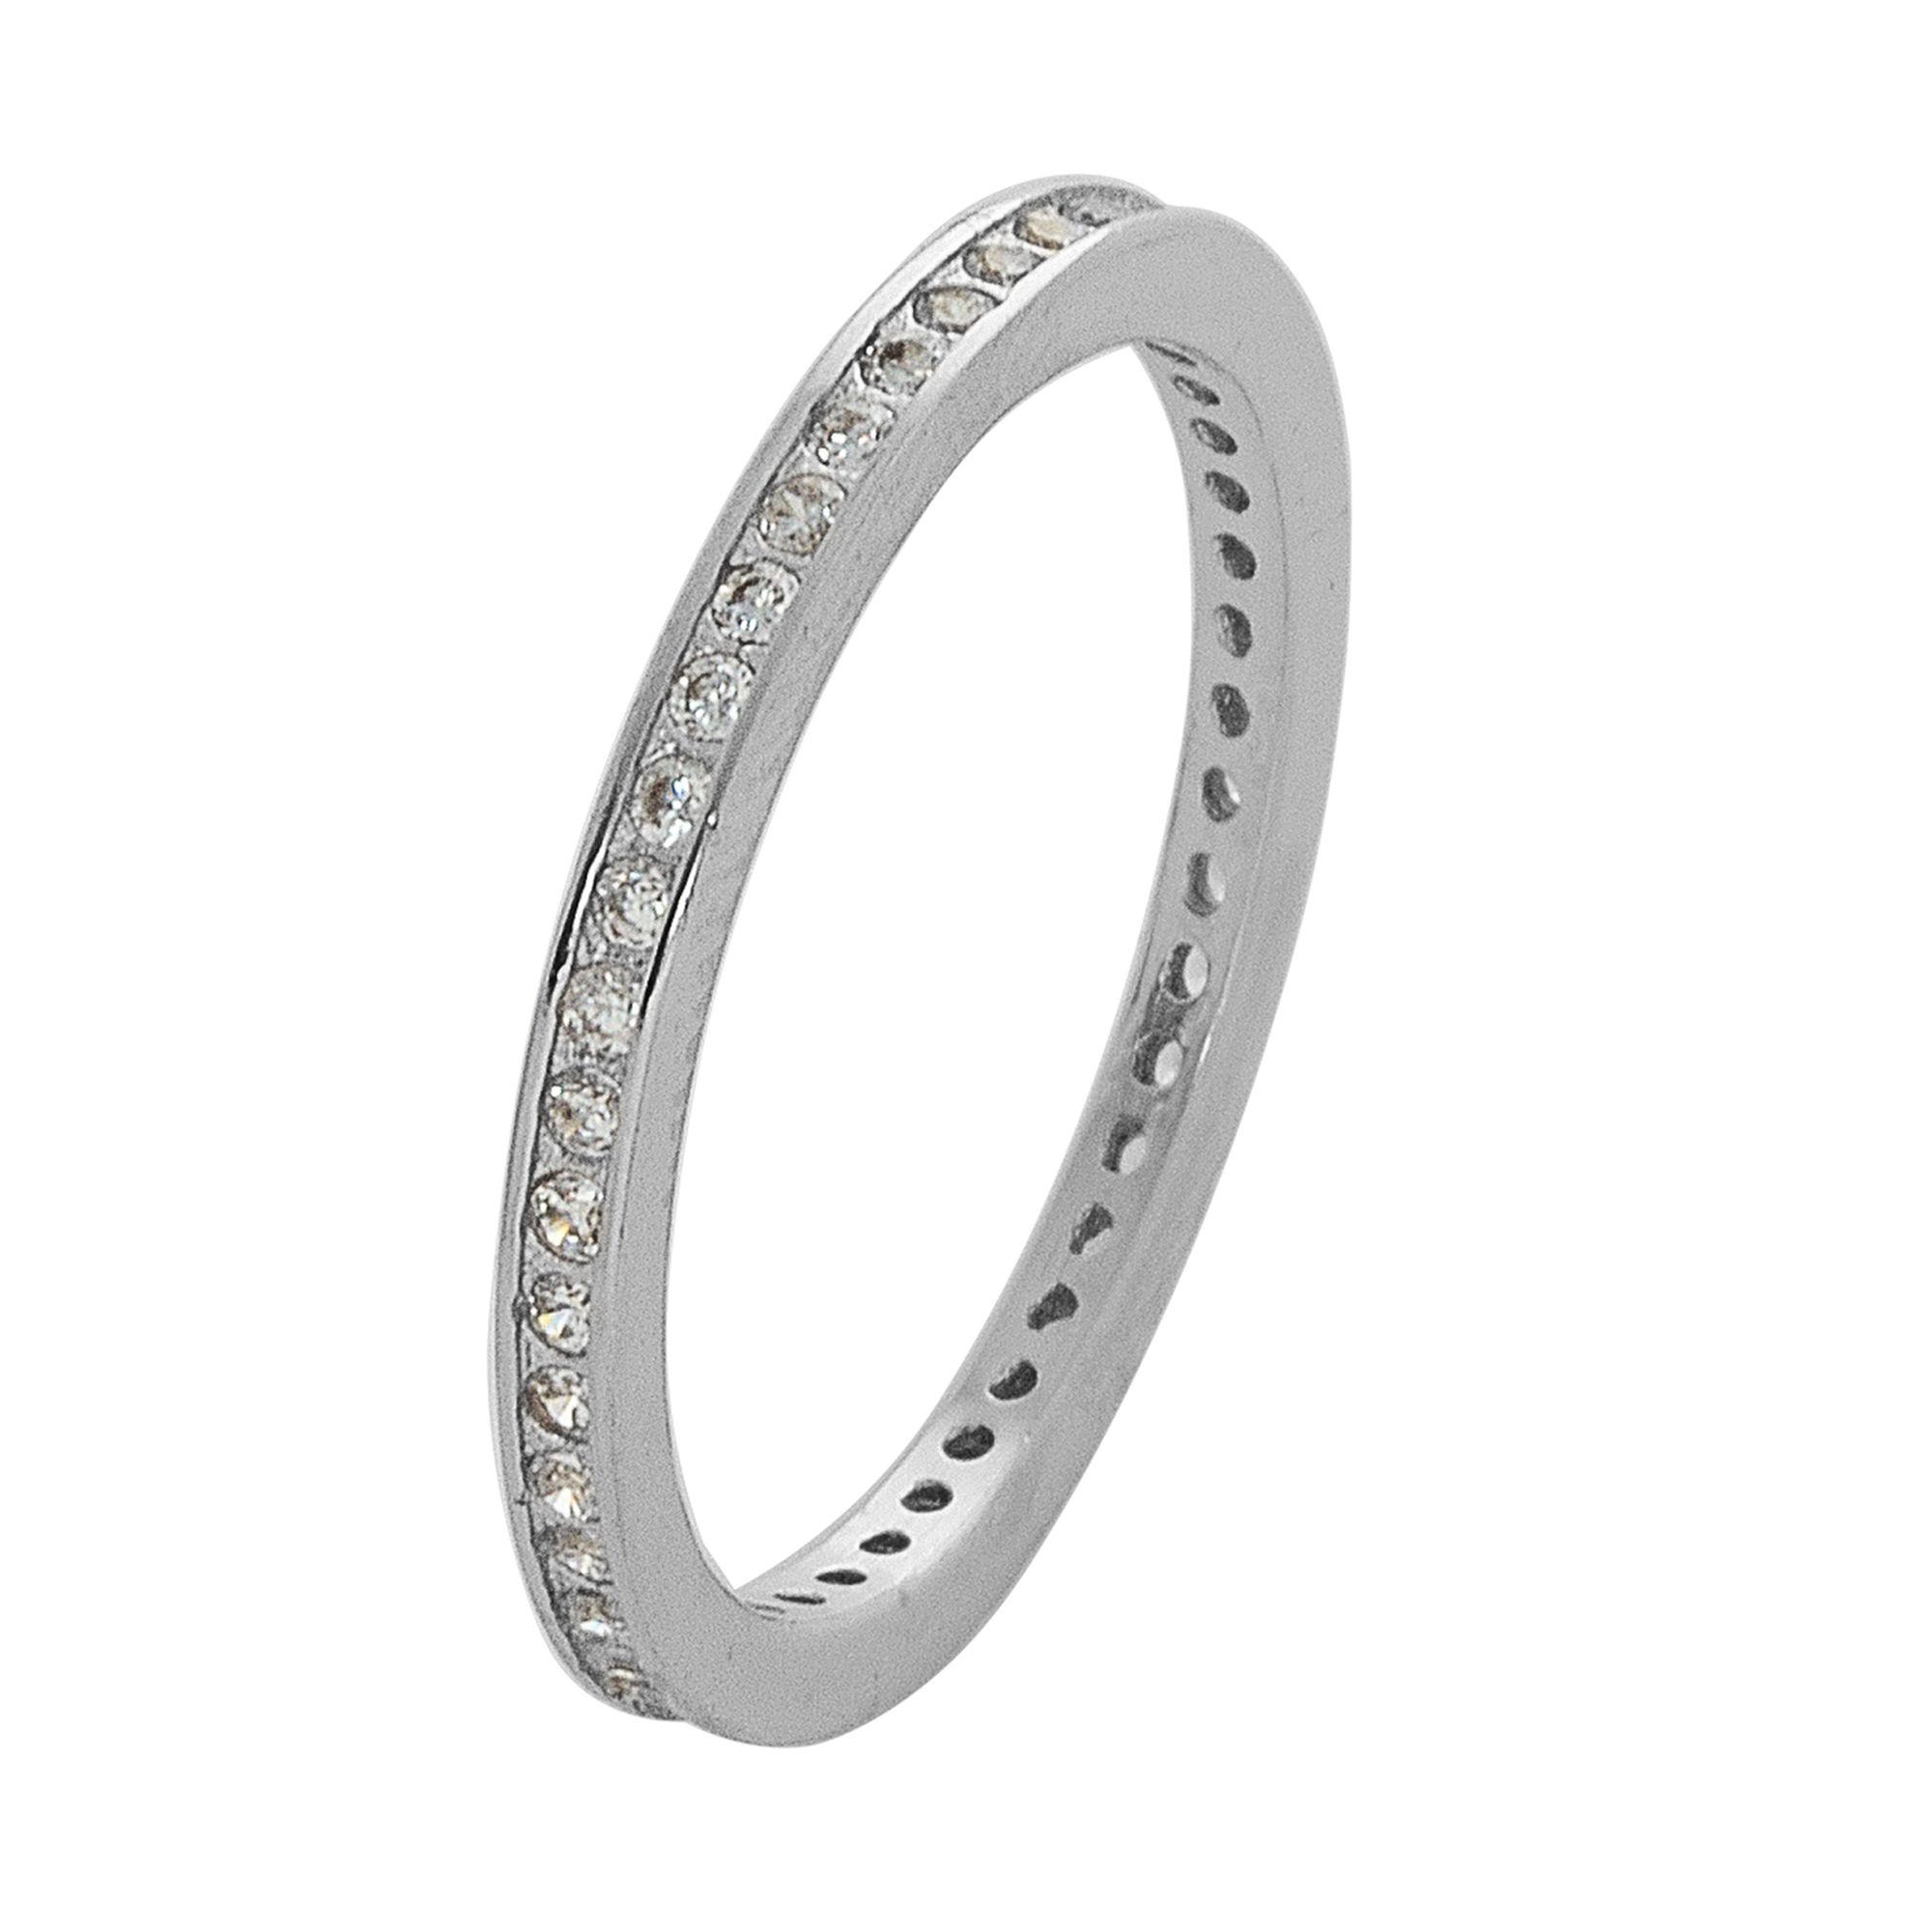 Ασημένιο Δαχτυλίδι Σειρέ με Πέτρες Ζιργκόν / Λεύκό